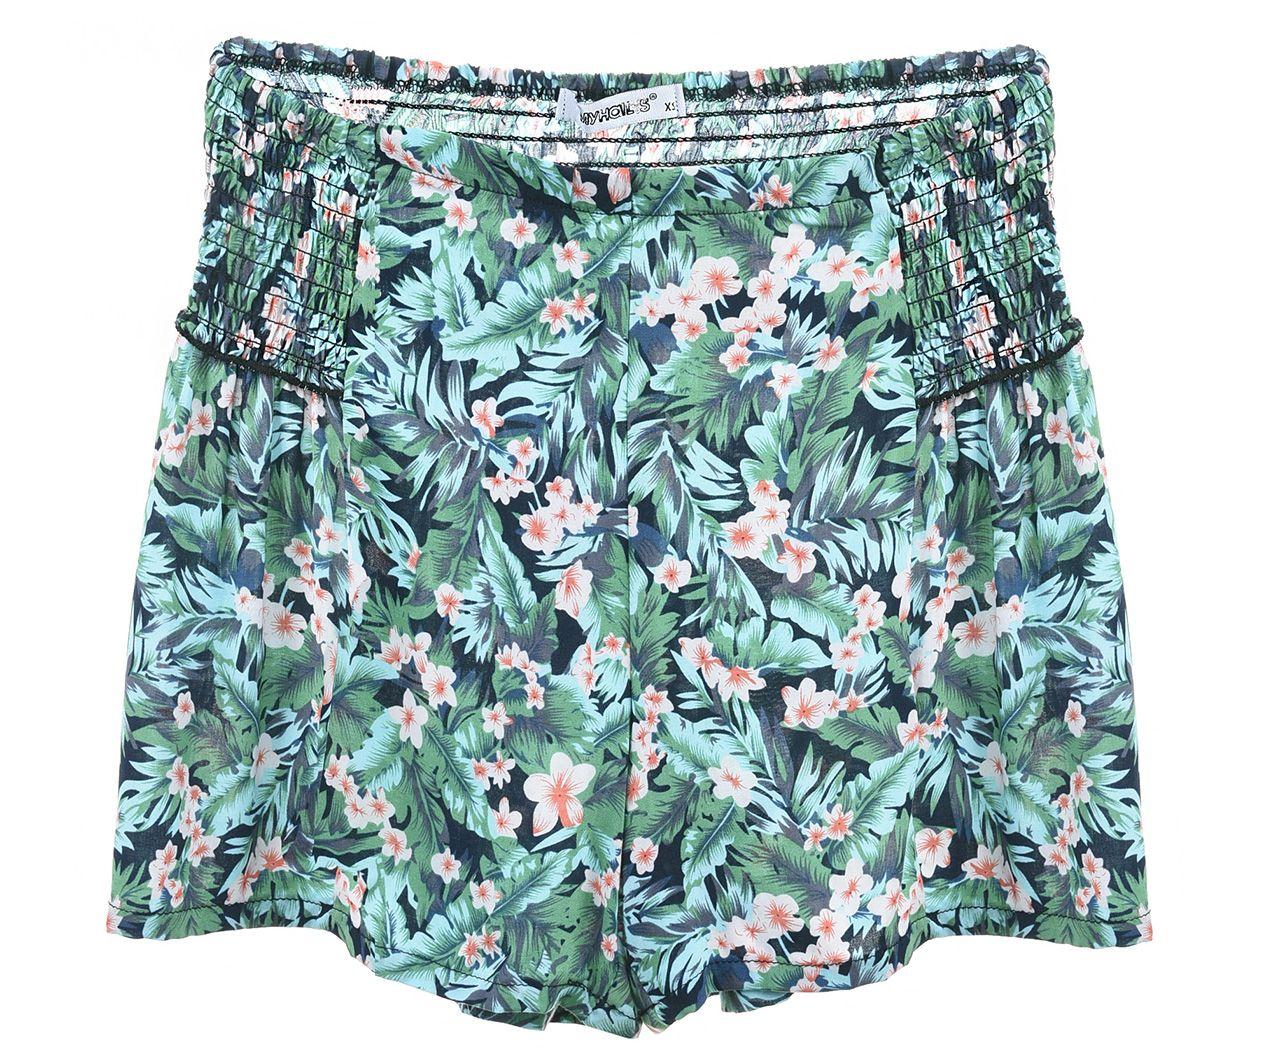 6f3dd70ba3d2 Lehké květované šortky Hailys  shorts  kratasy